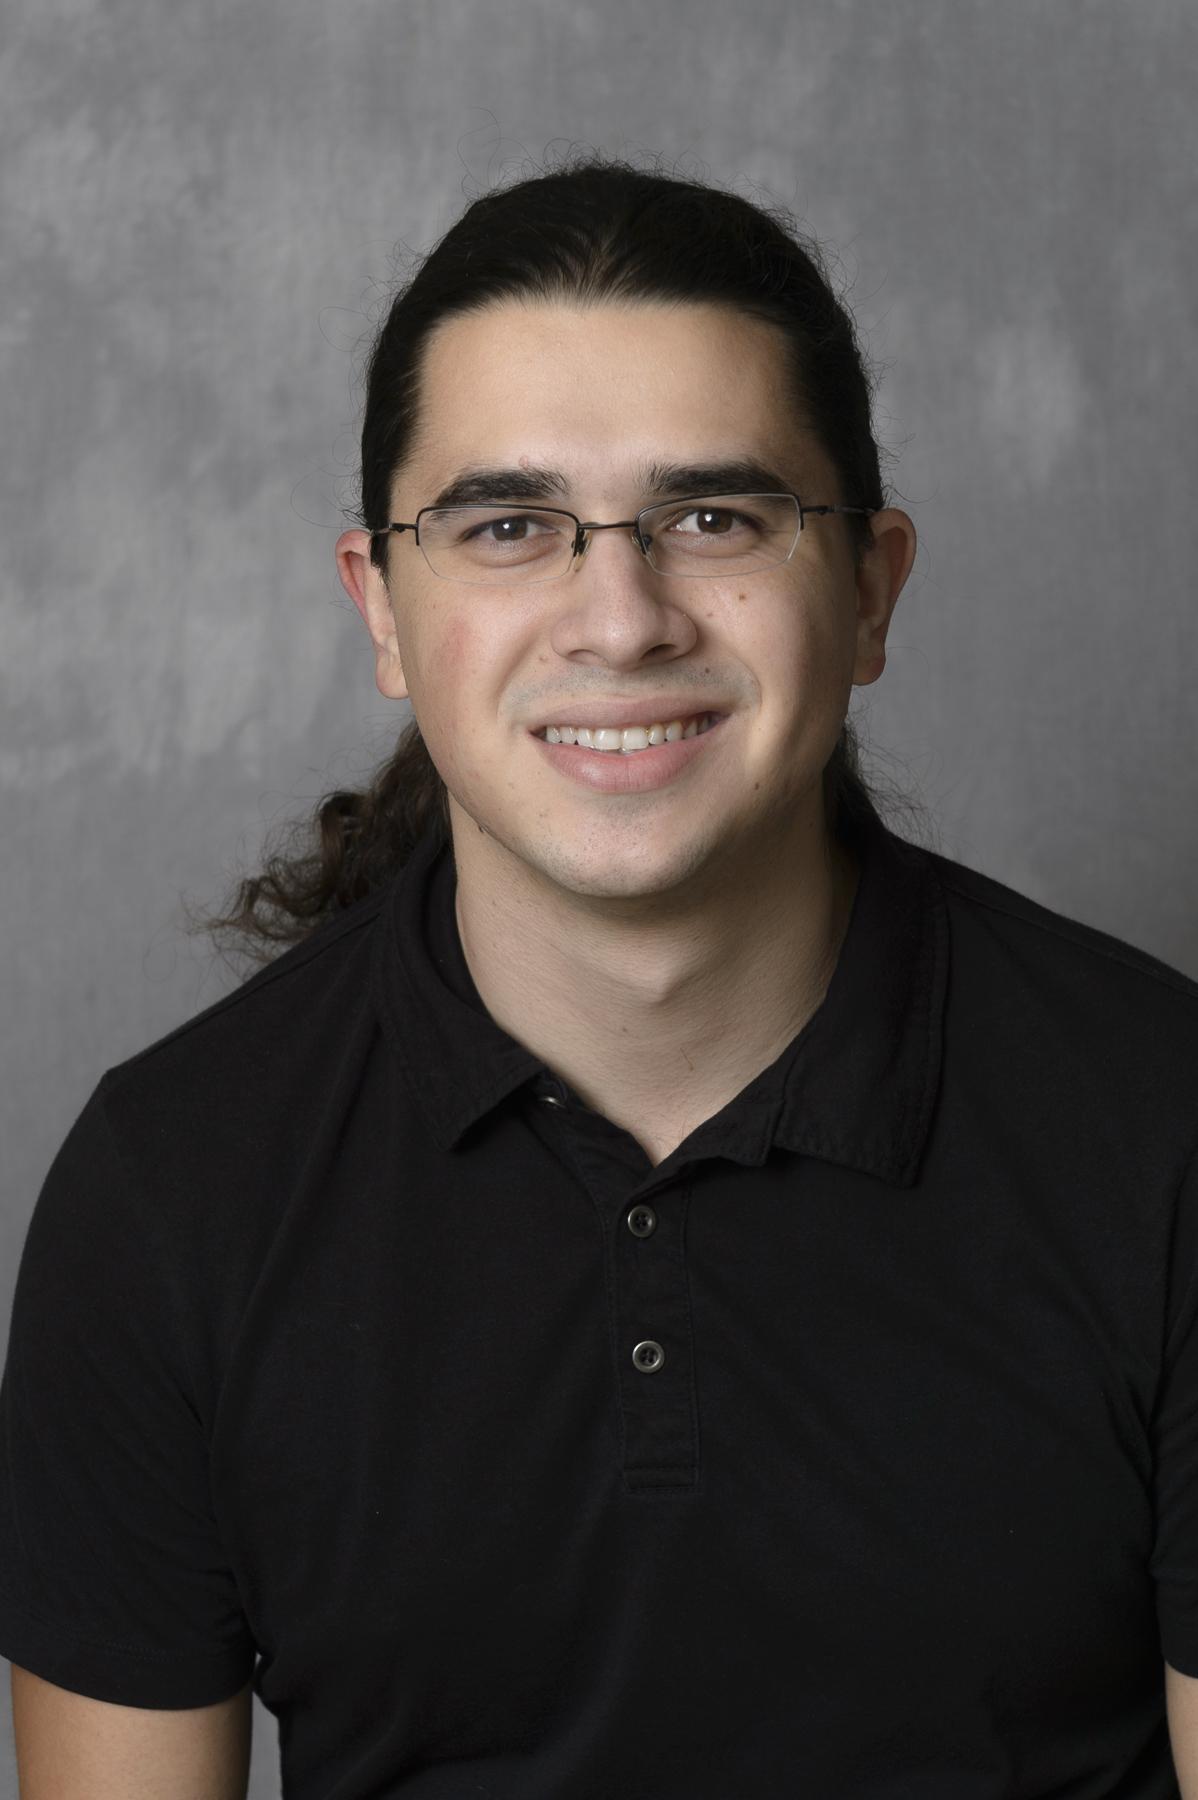 Kyle Dahlin Portrait